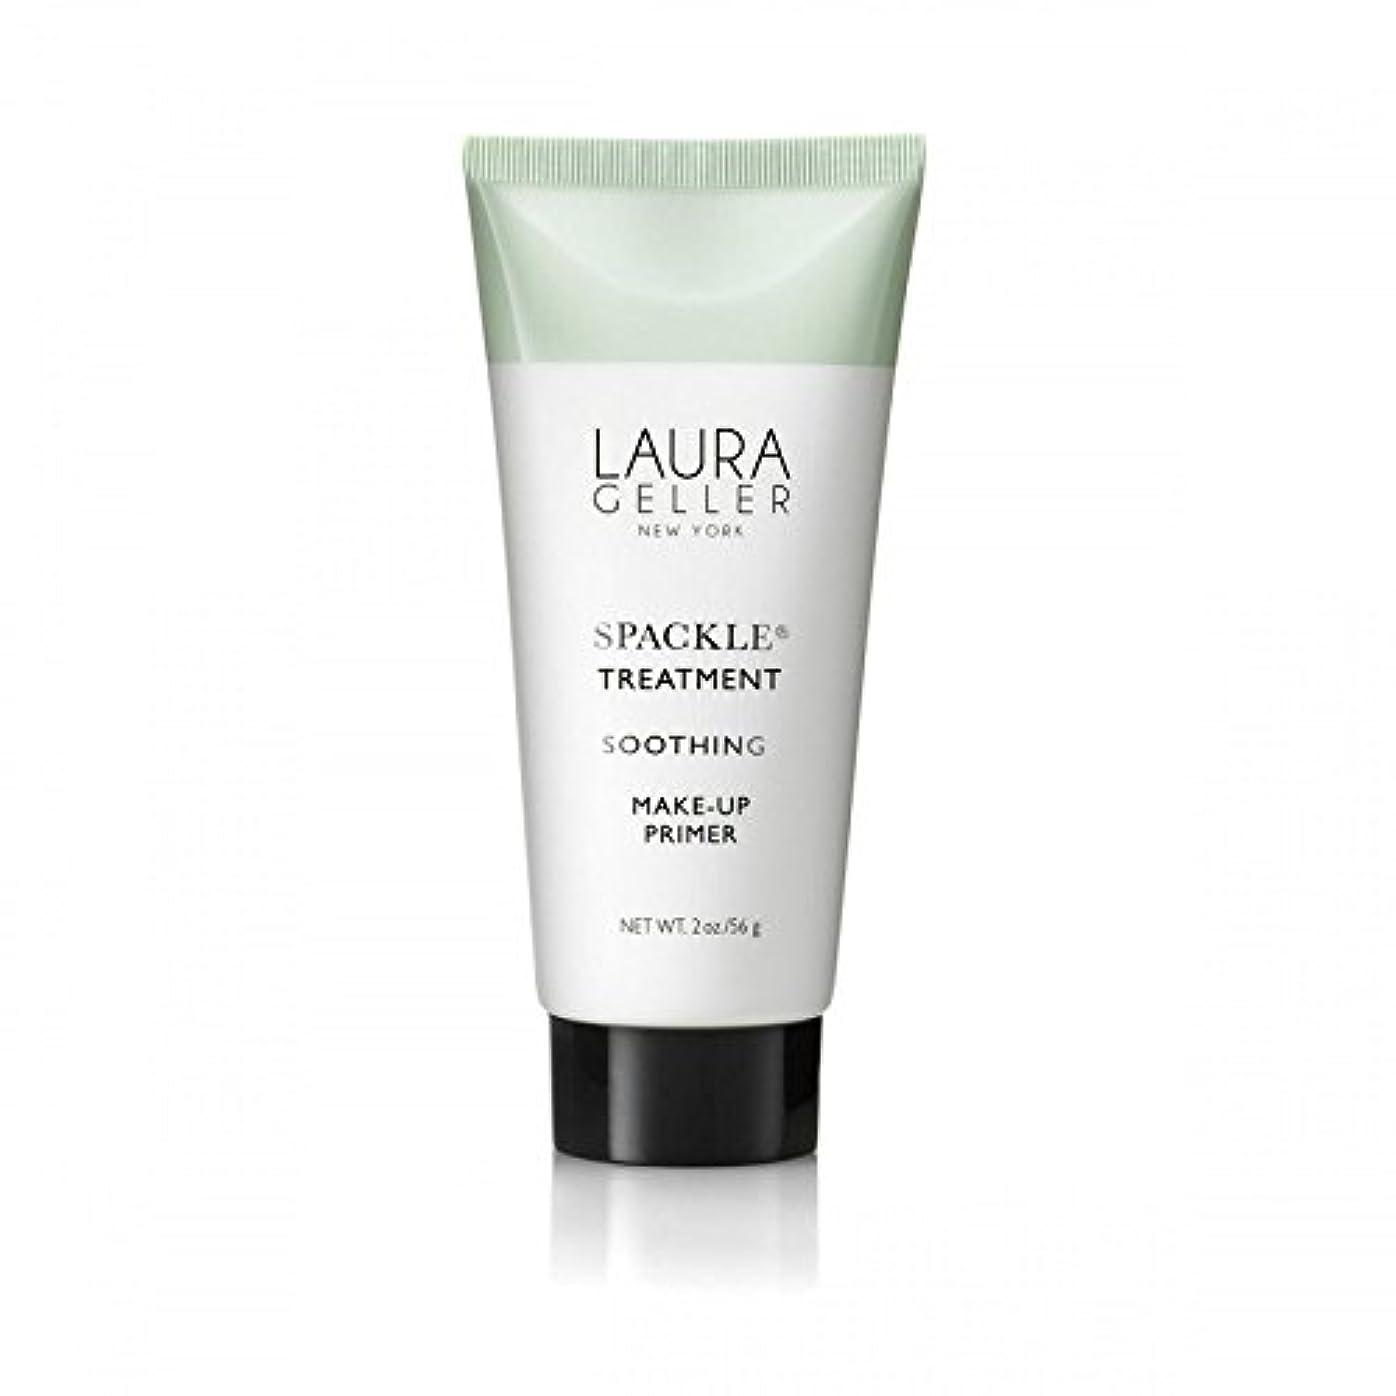 アピールアナリスト方法論Laura Geller Spackle Treatment Under Make-Up Primer Soothing (Pack of 6) - メイクアッププライマー癒しの下のローラ?ゲラー 処理 x6 [並行輸入品]